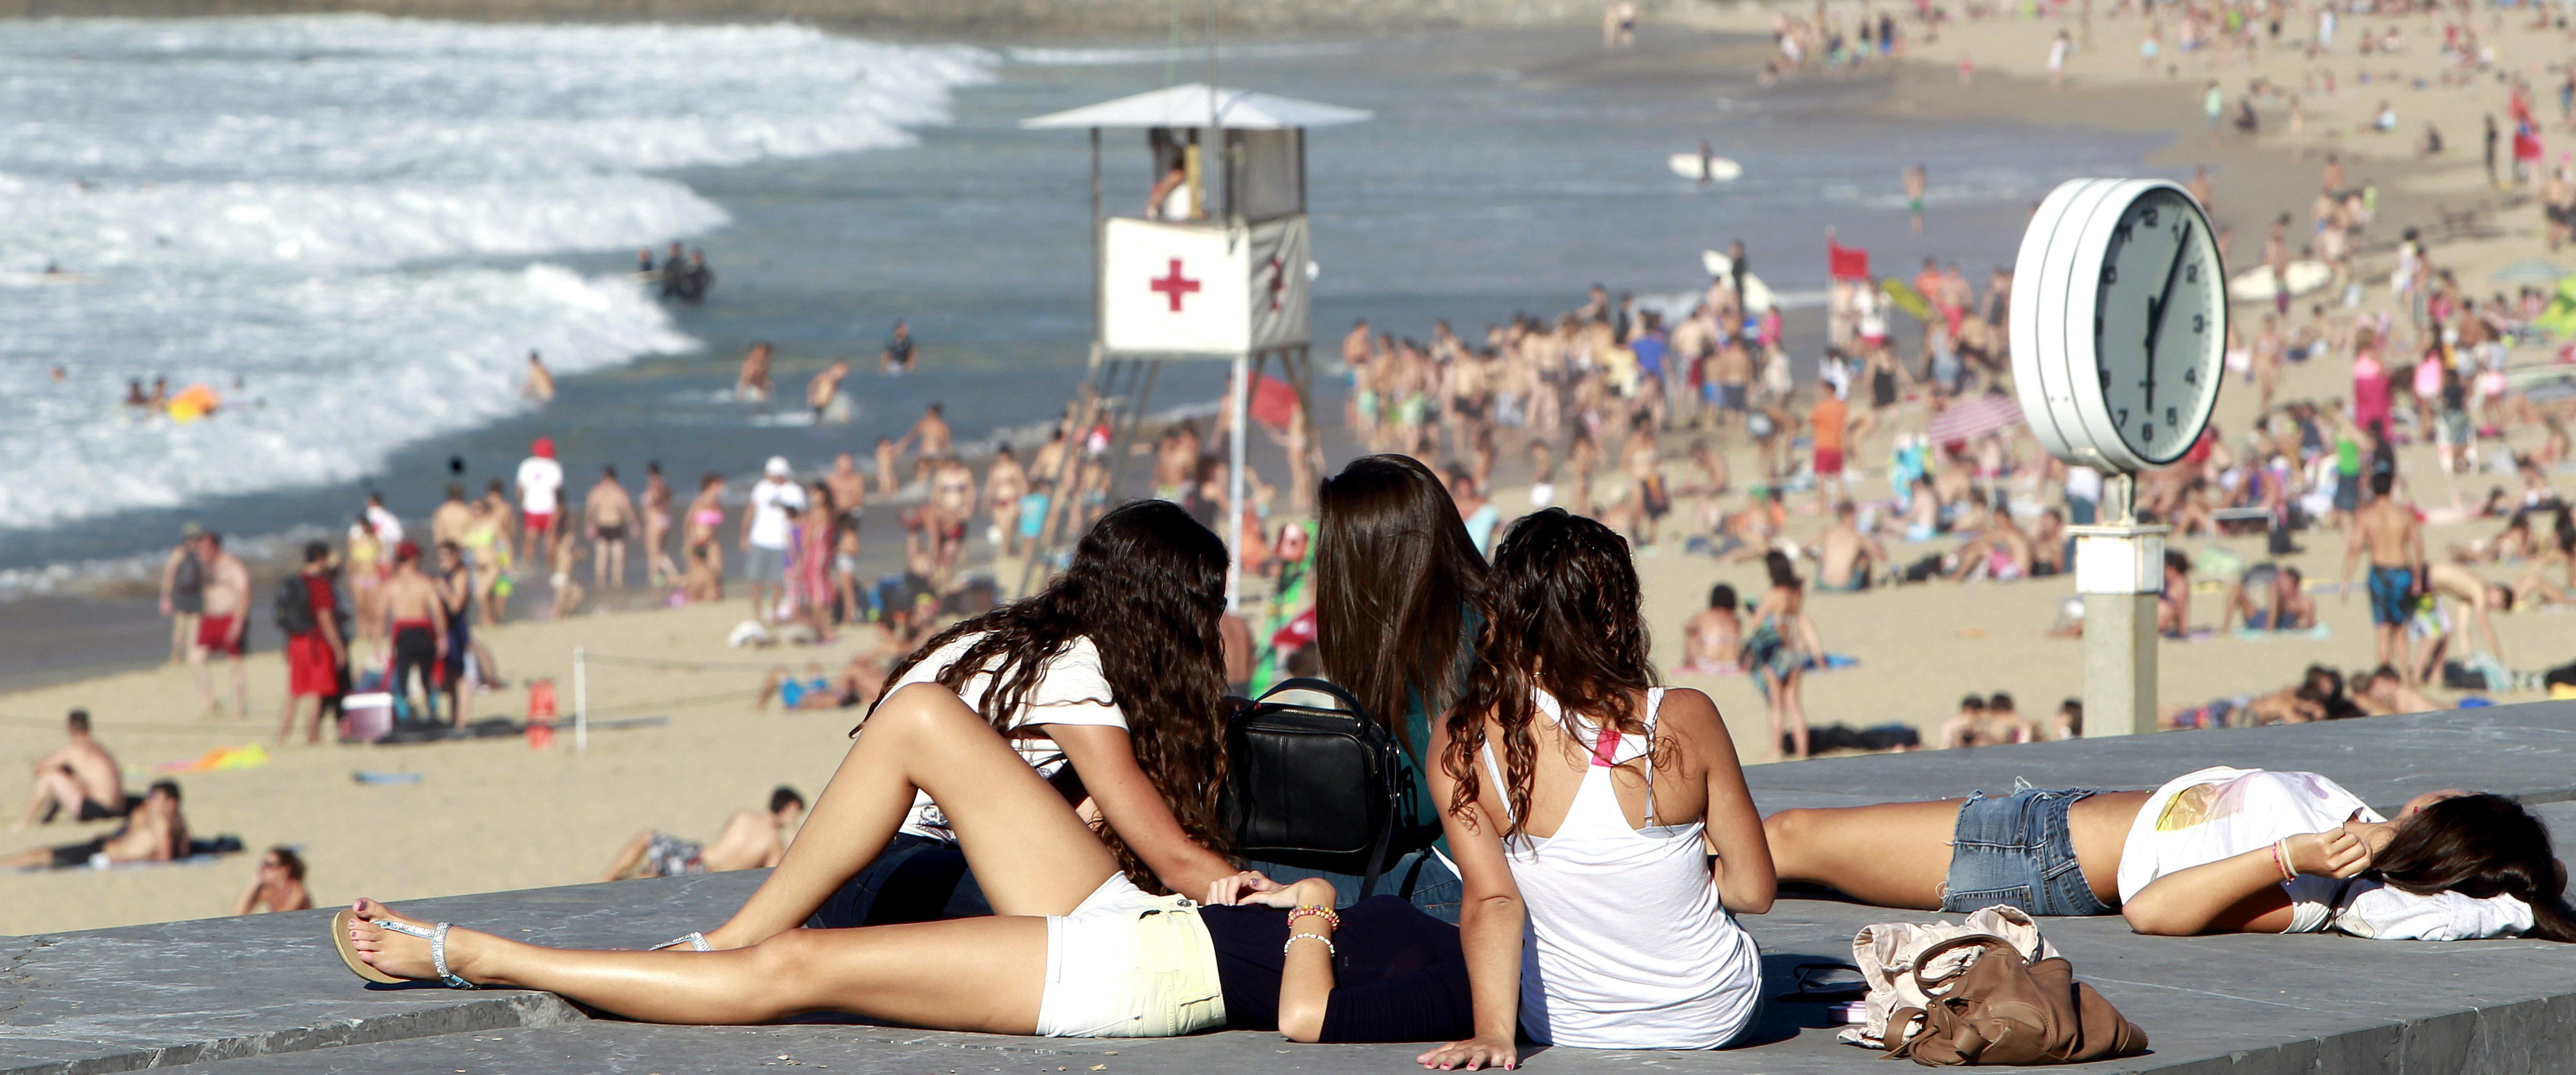 Soria prevé un aumento de gasto de turistas extranjeros del 7 por ciento hasta agosto